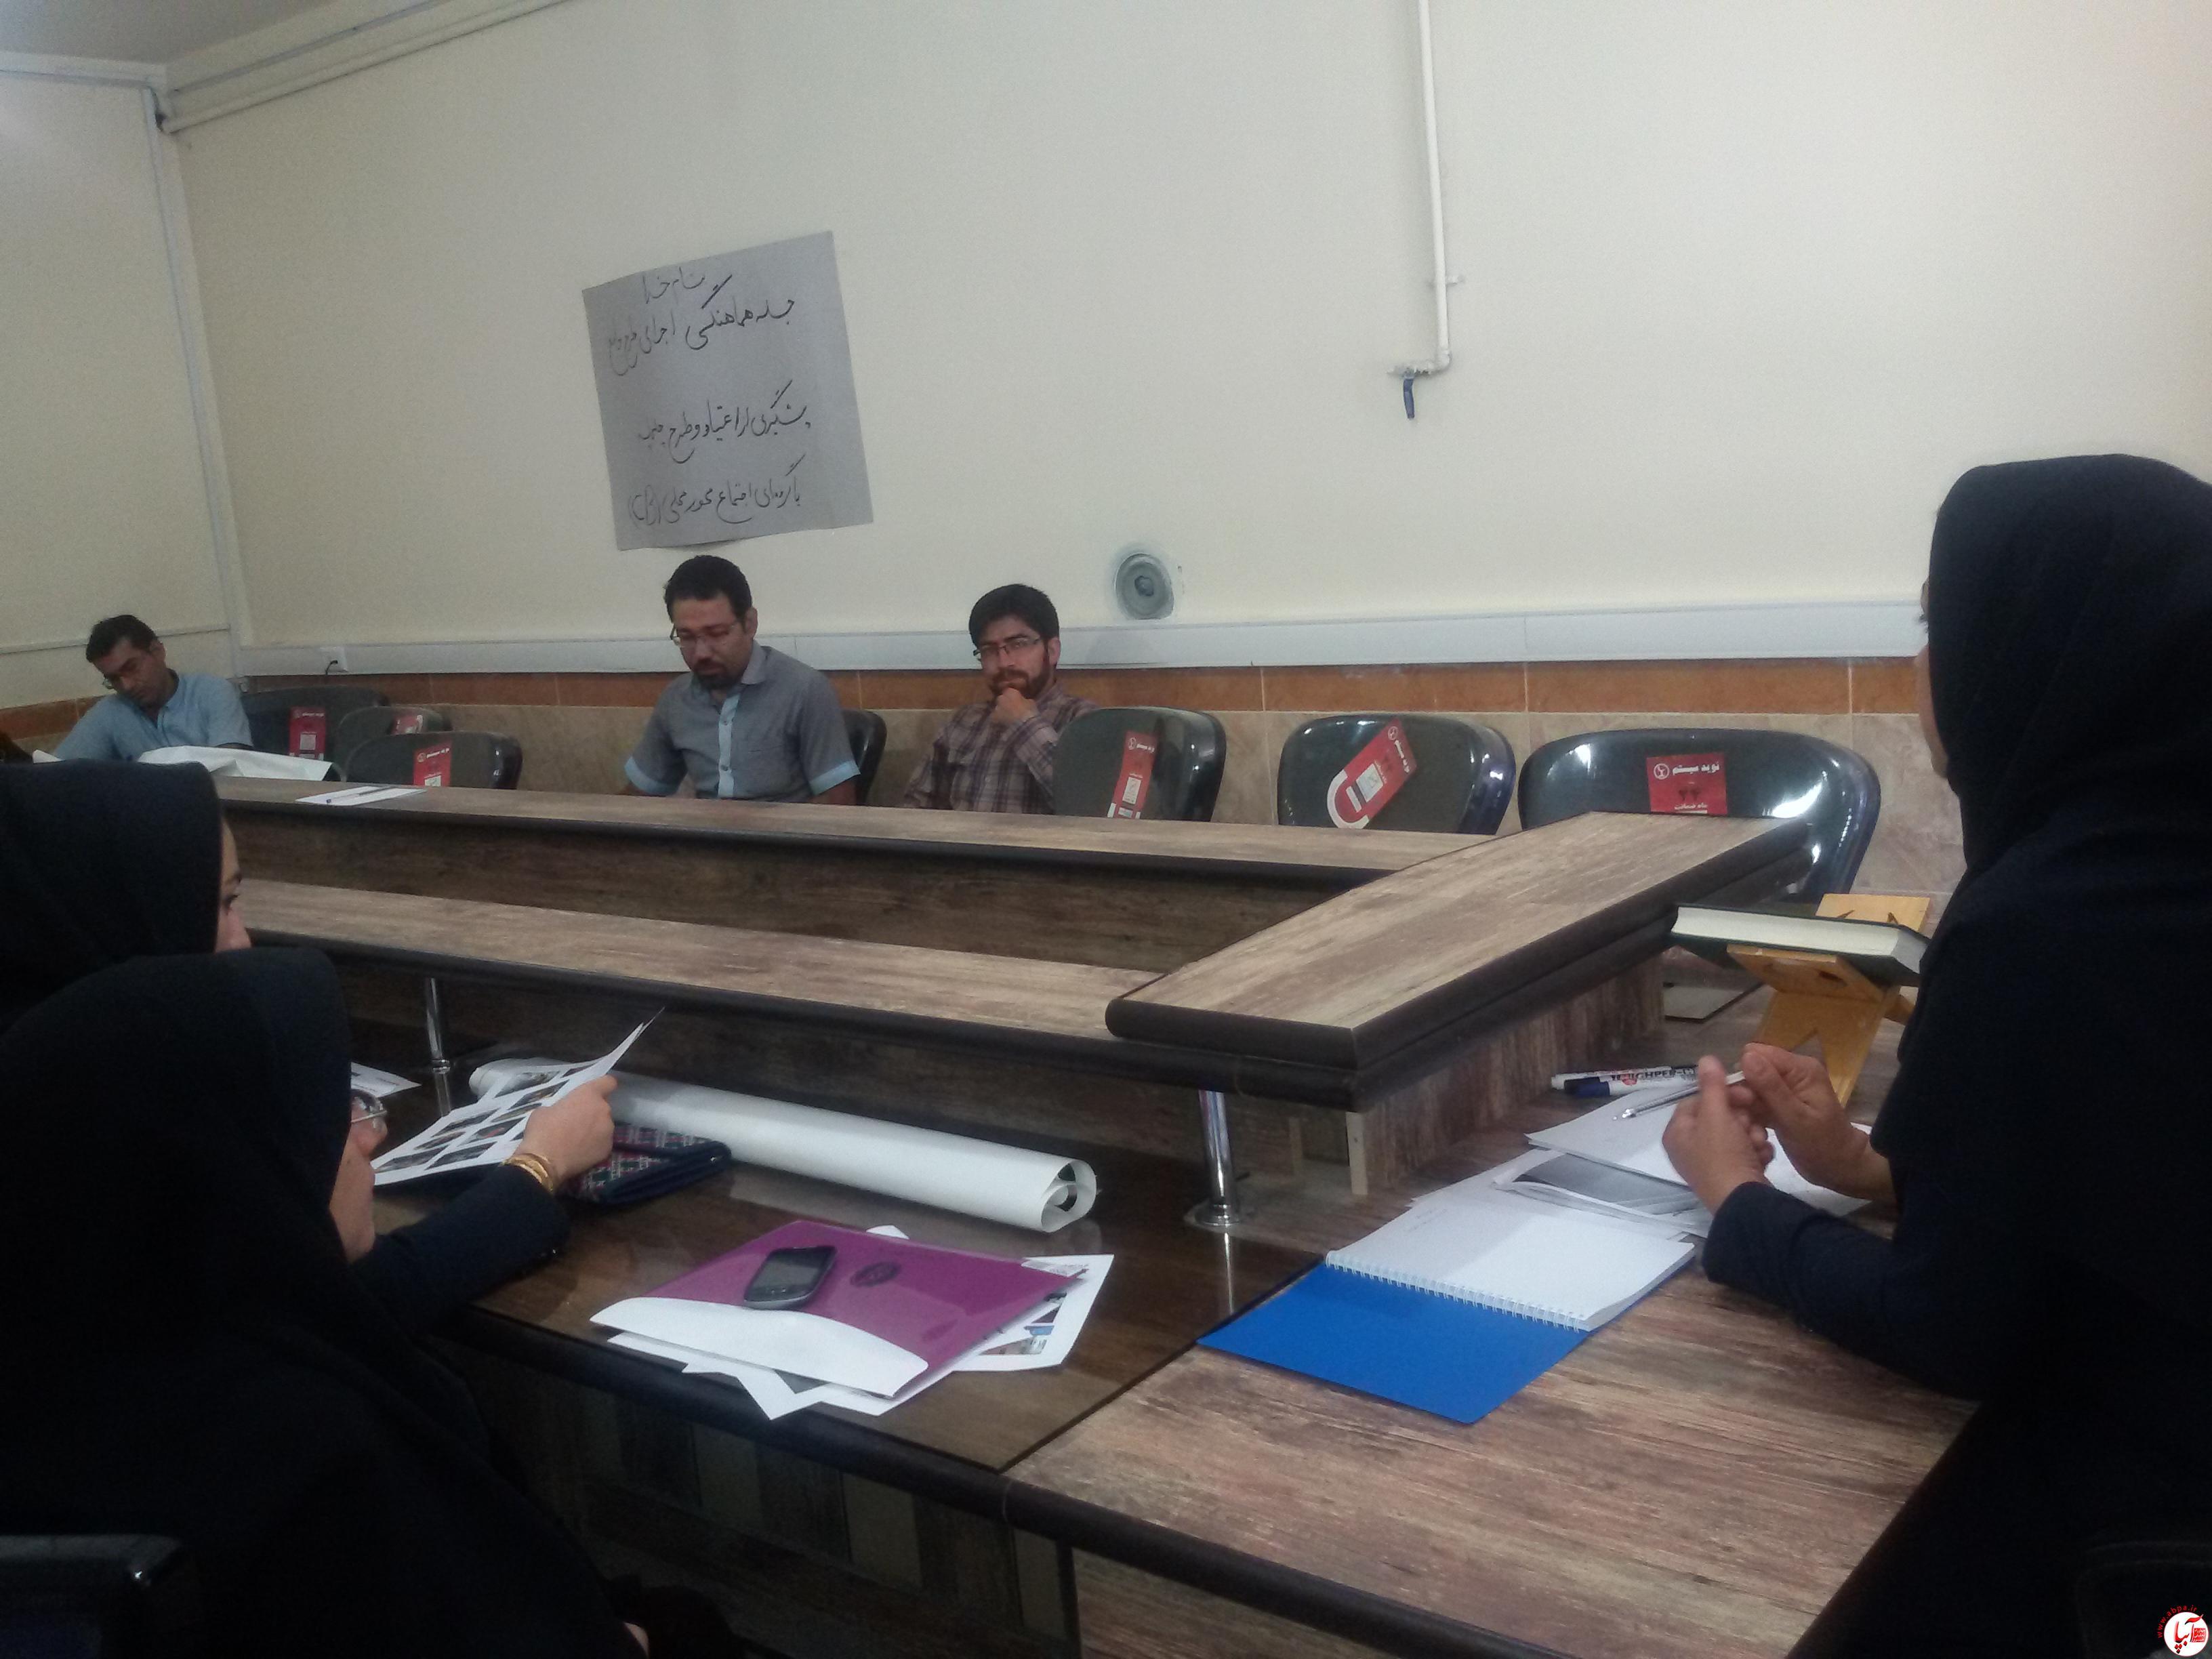 تشکیل جلسه جهت اجرای طرح چلچله و طرح جامع پیشگیری از اعتیاد در بهزیستی فراشبند